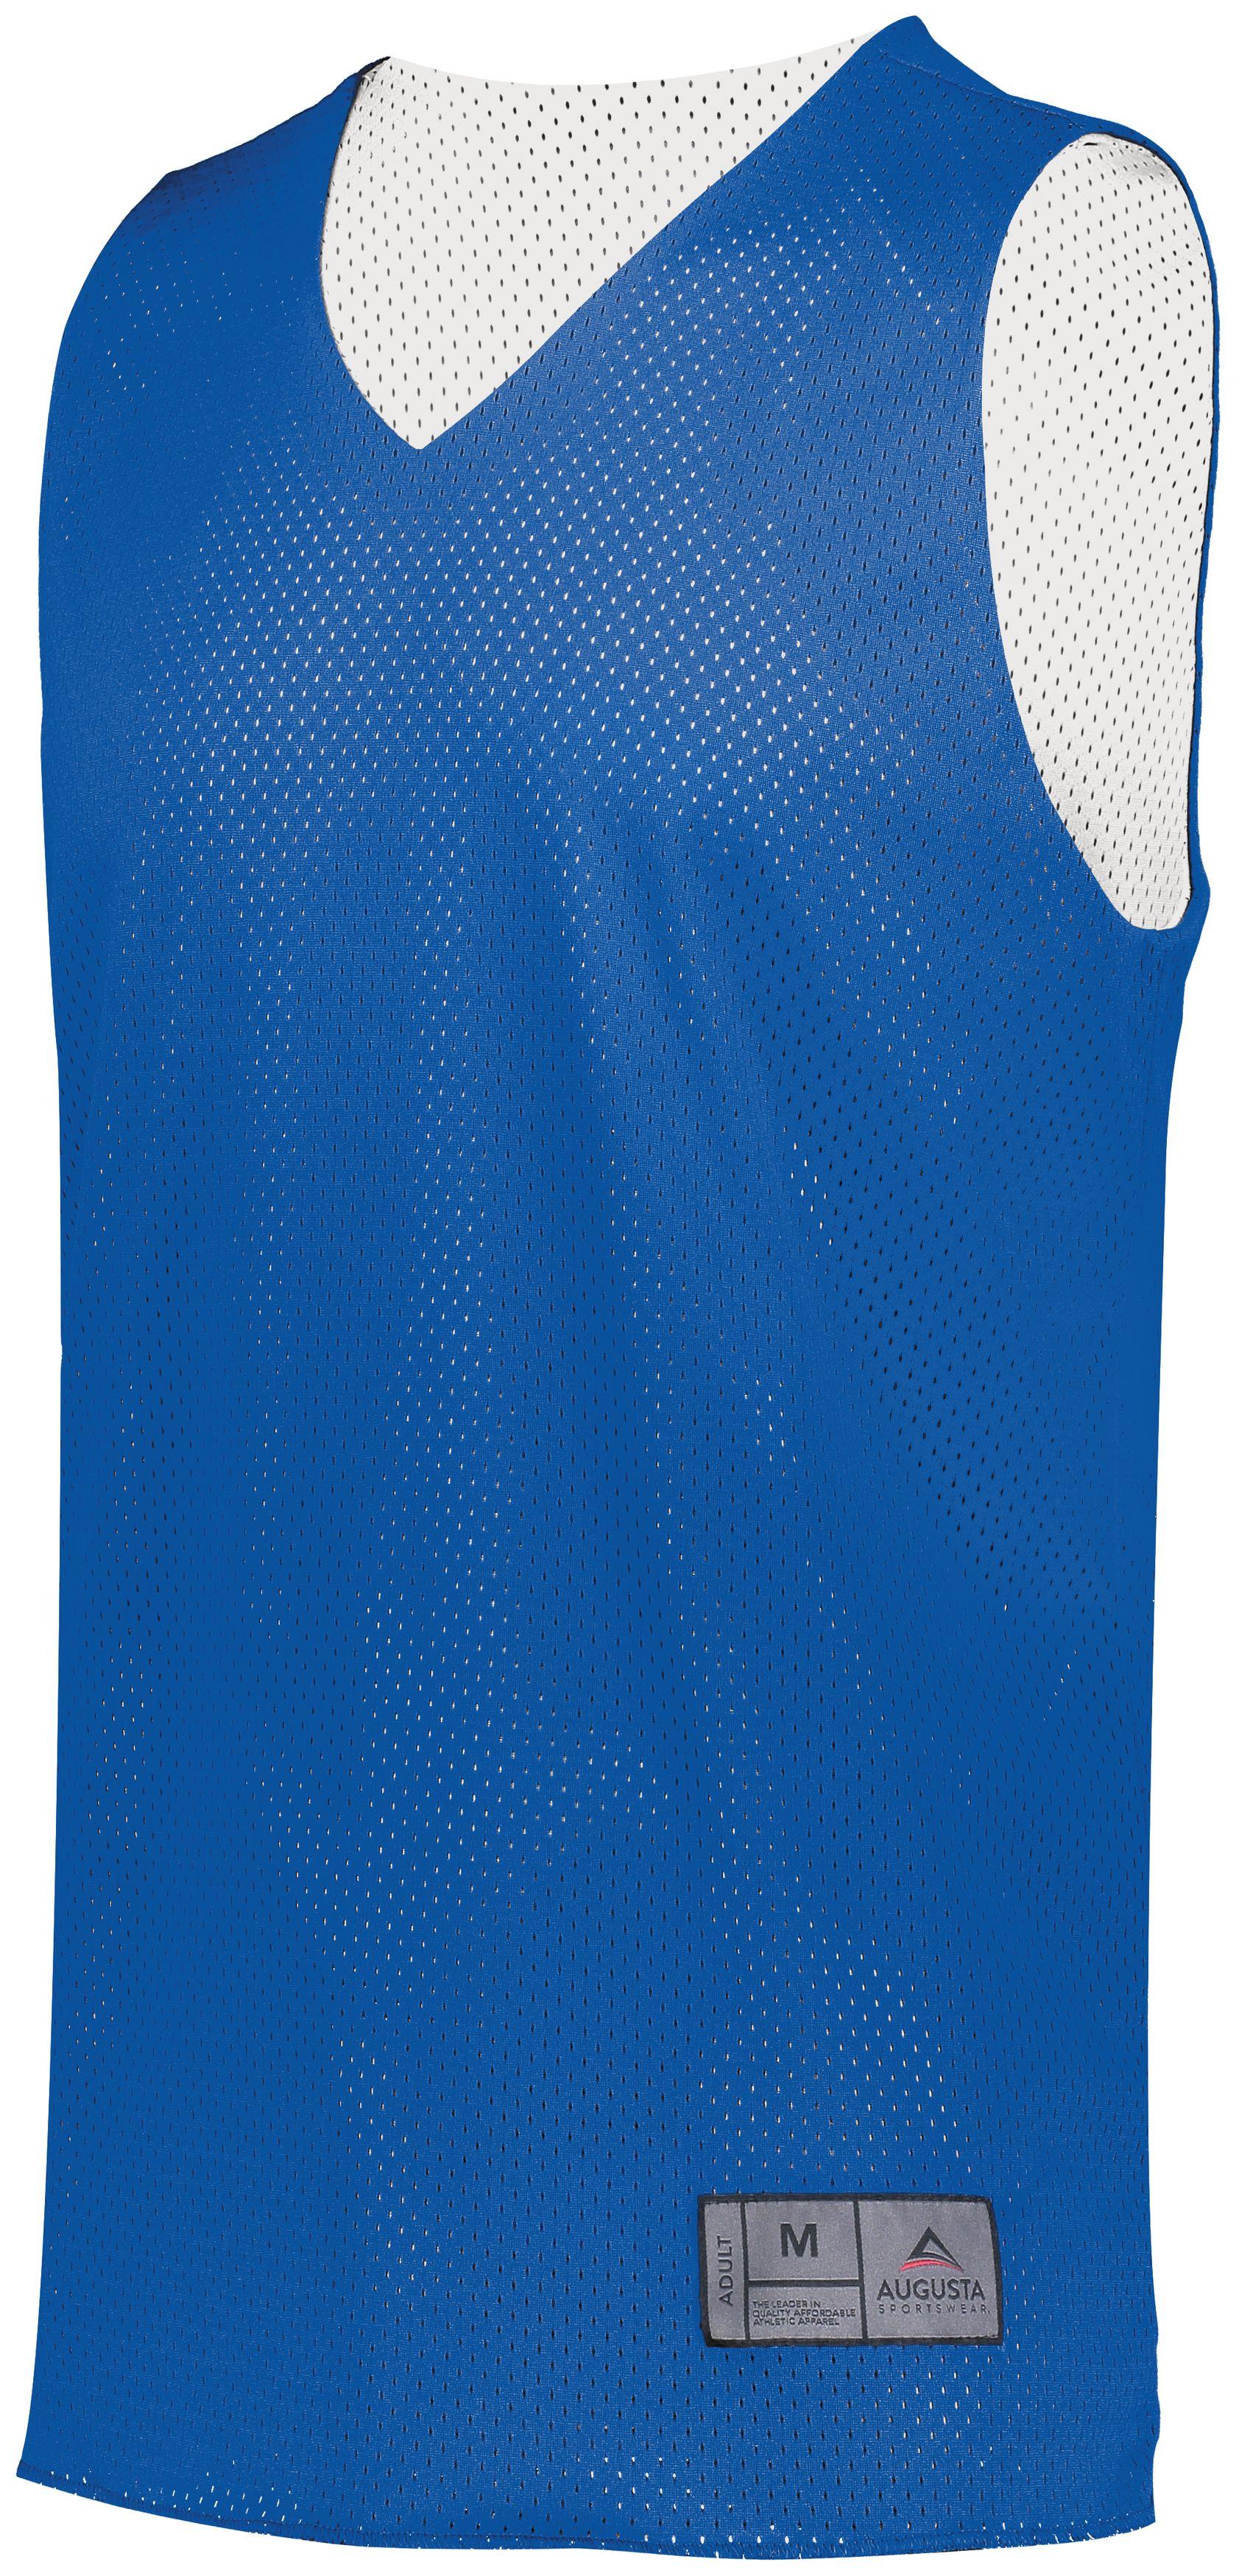 Tricot Mesh Reversible Jersey 2.0 - ROYAL/WHITE